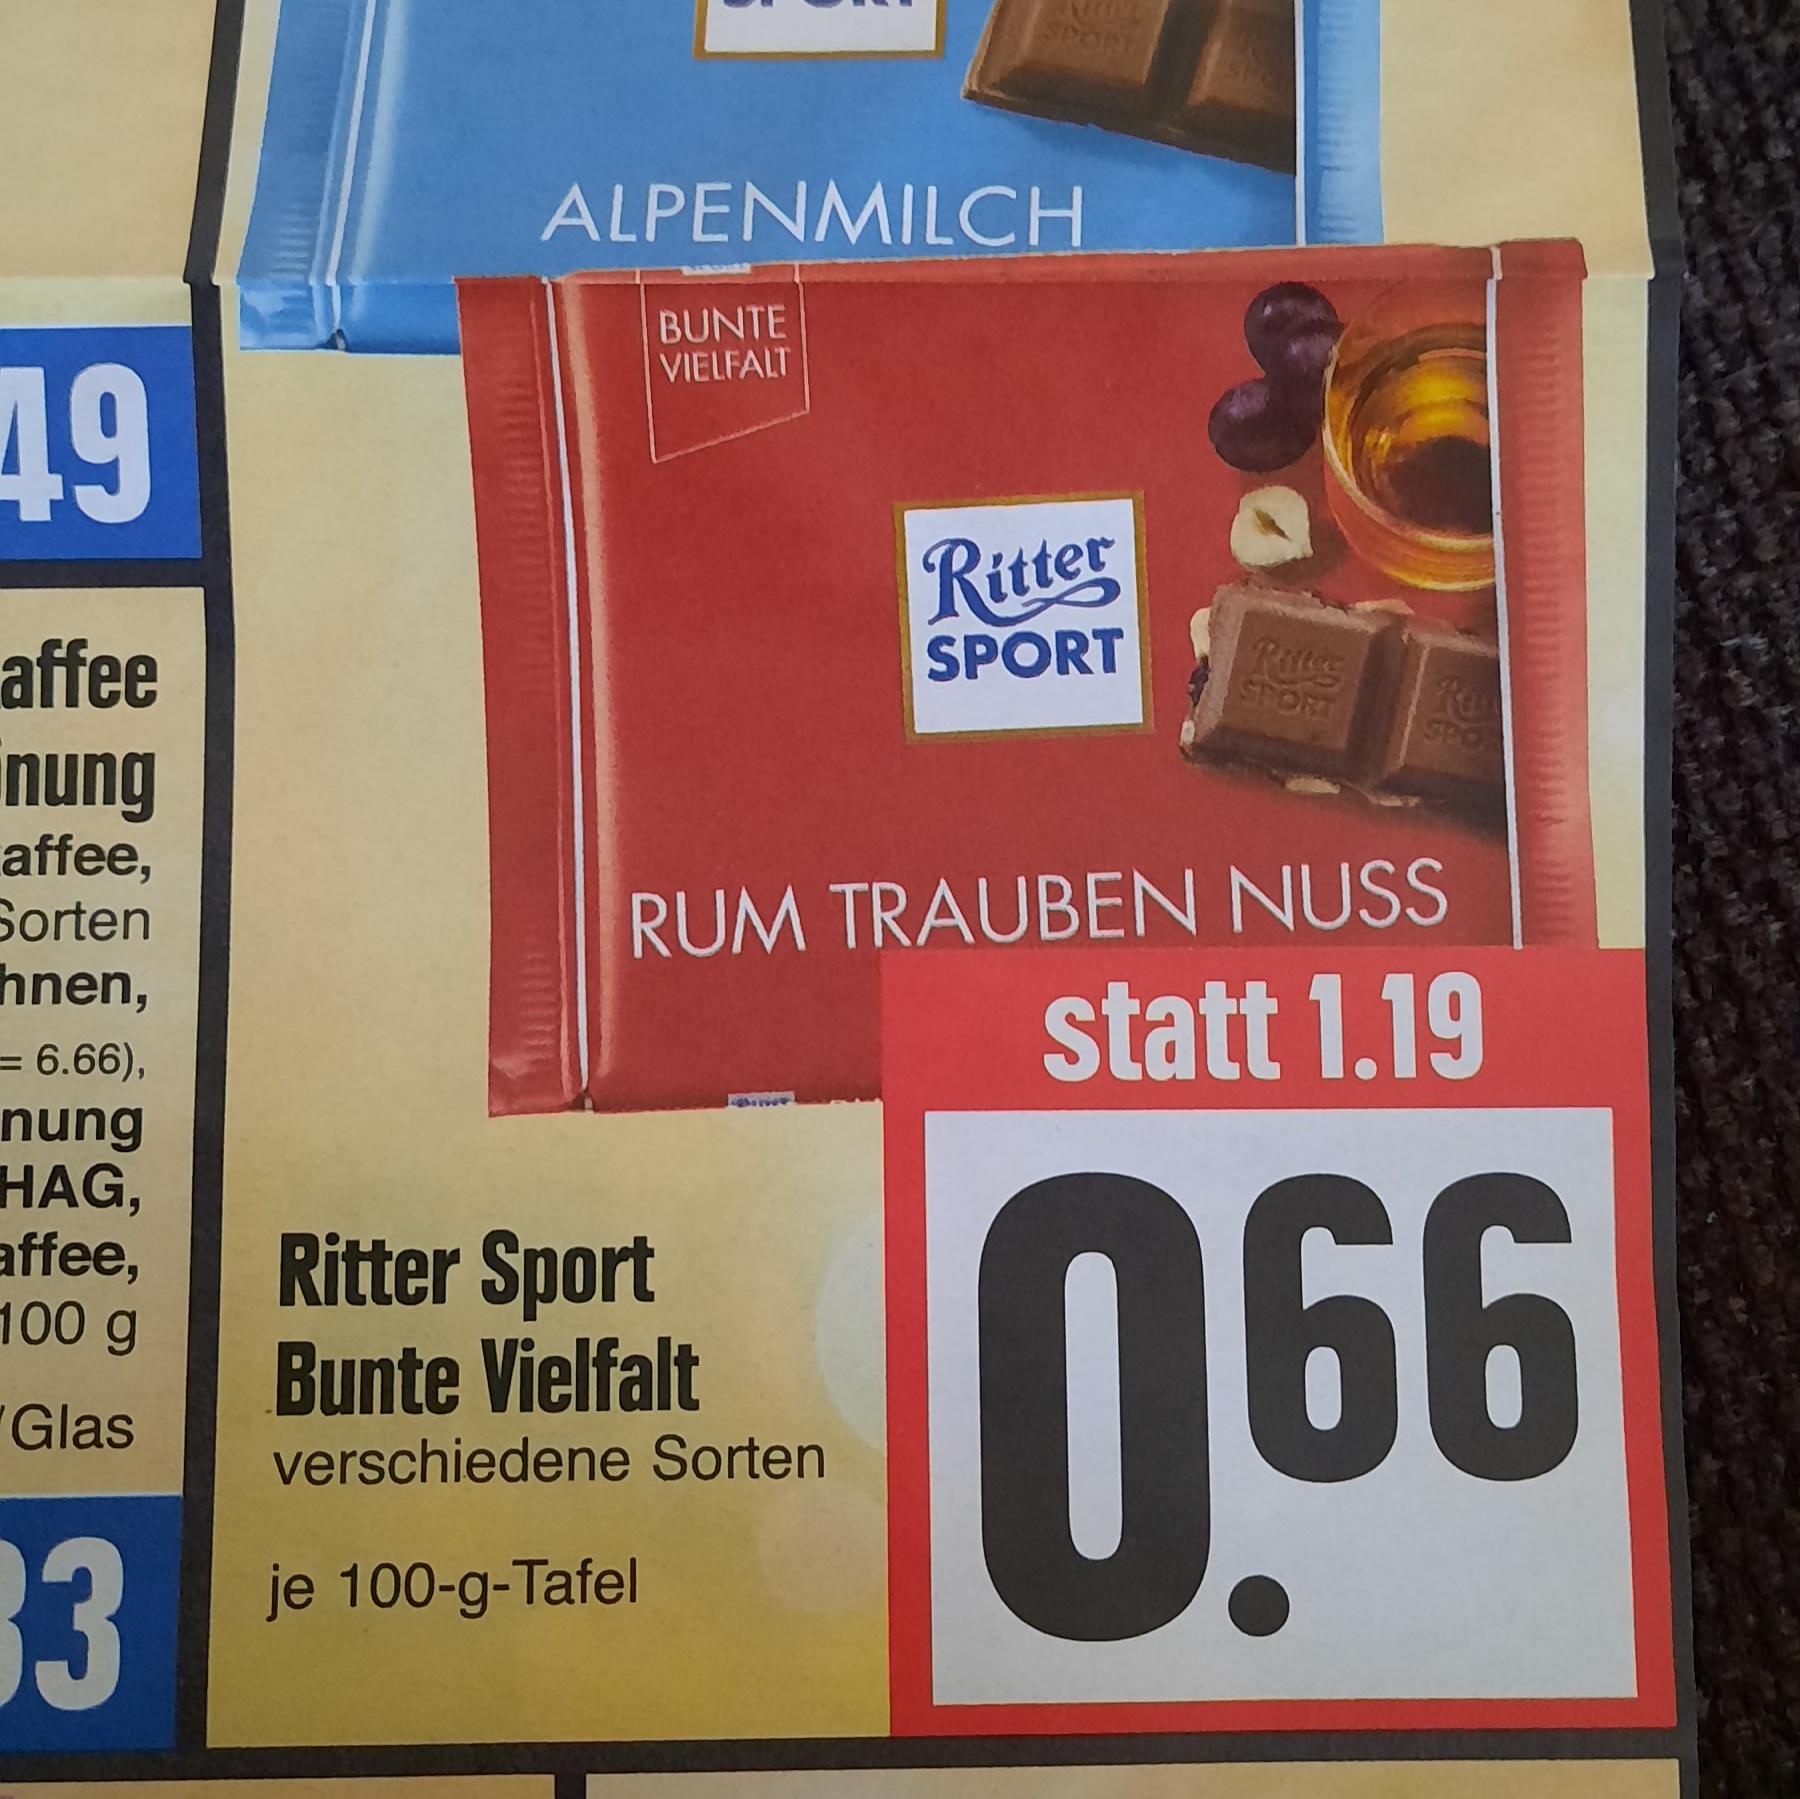 Ritter Sport (Bunte Vielfalt) bei Edeka und Ratio